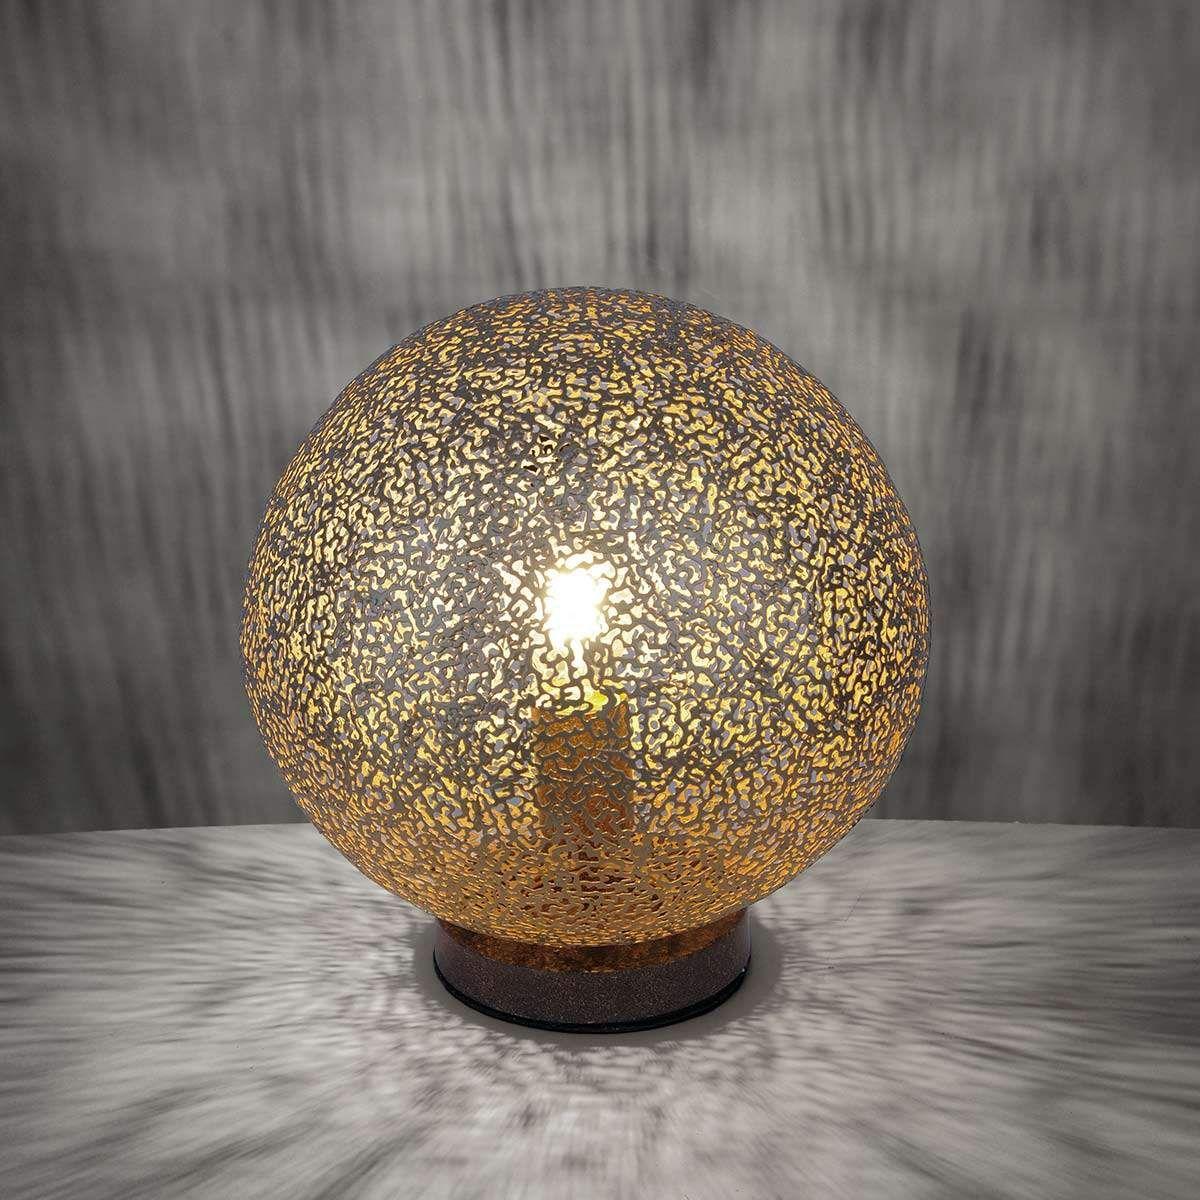 Lampe à poser sphérique Greta dorée et marron.Lampe à poser   Paul Neuhaus